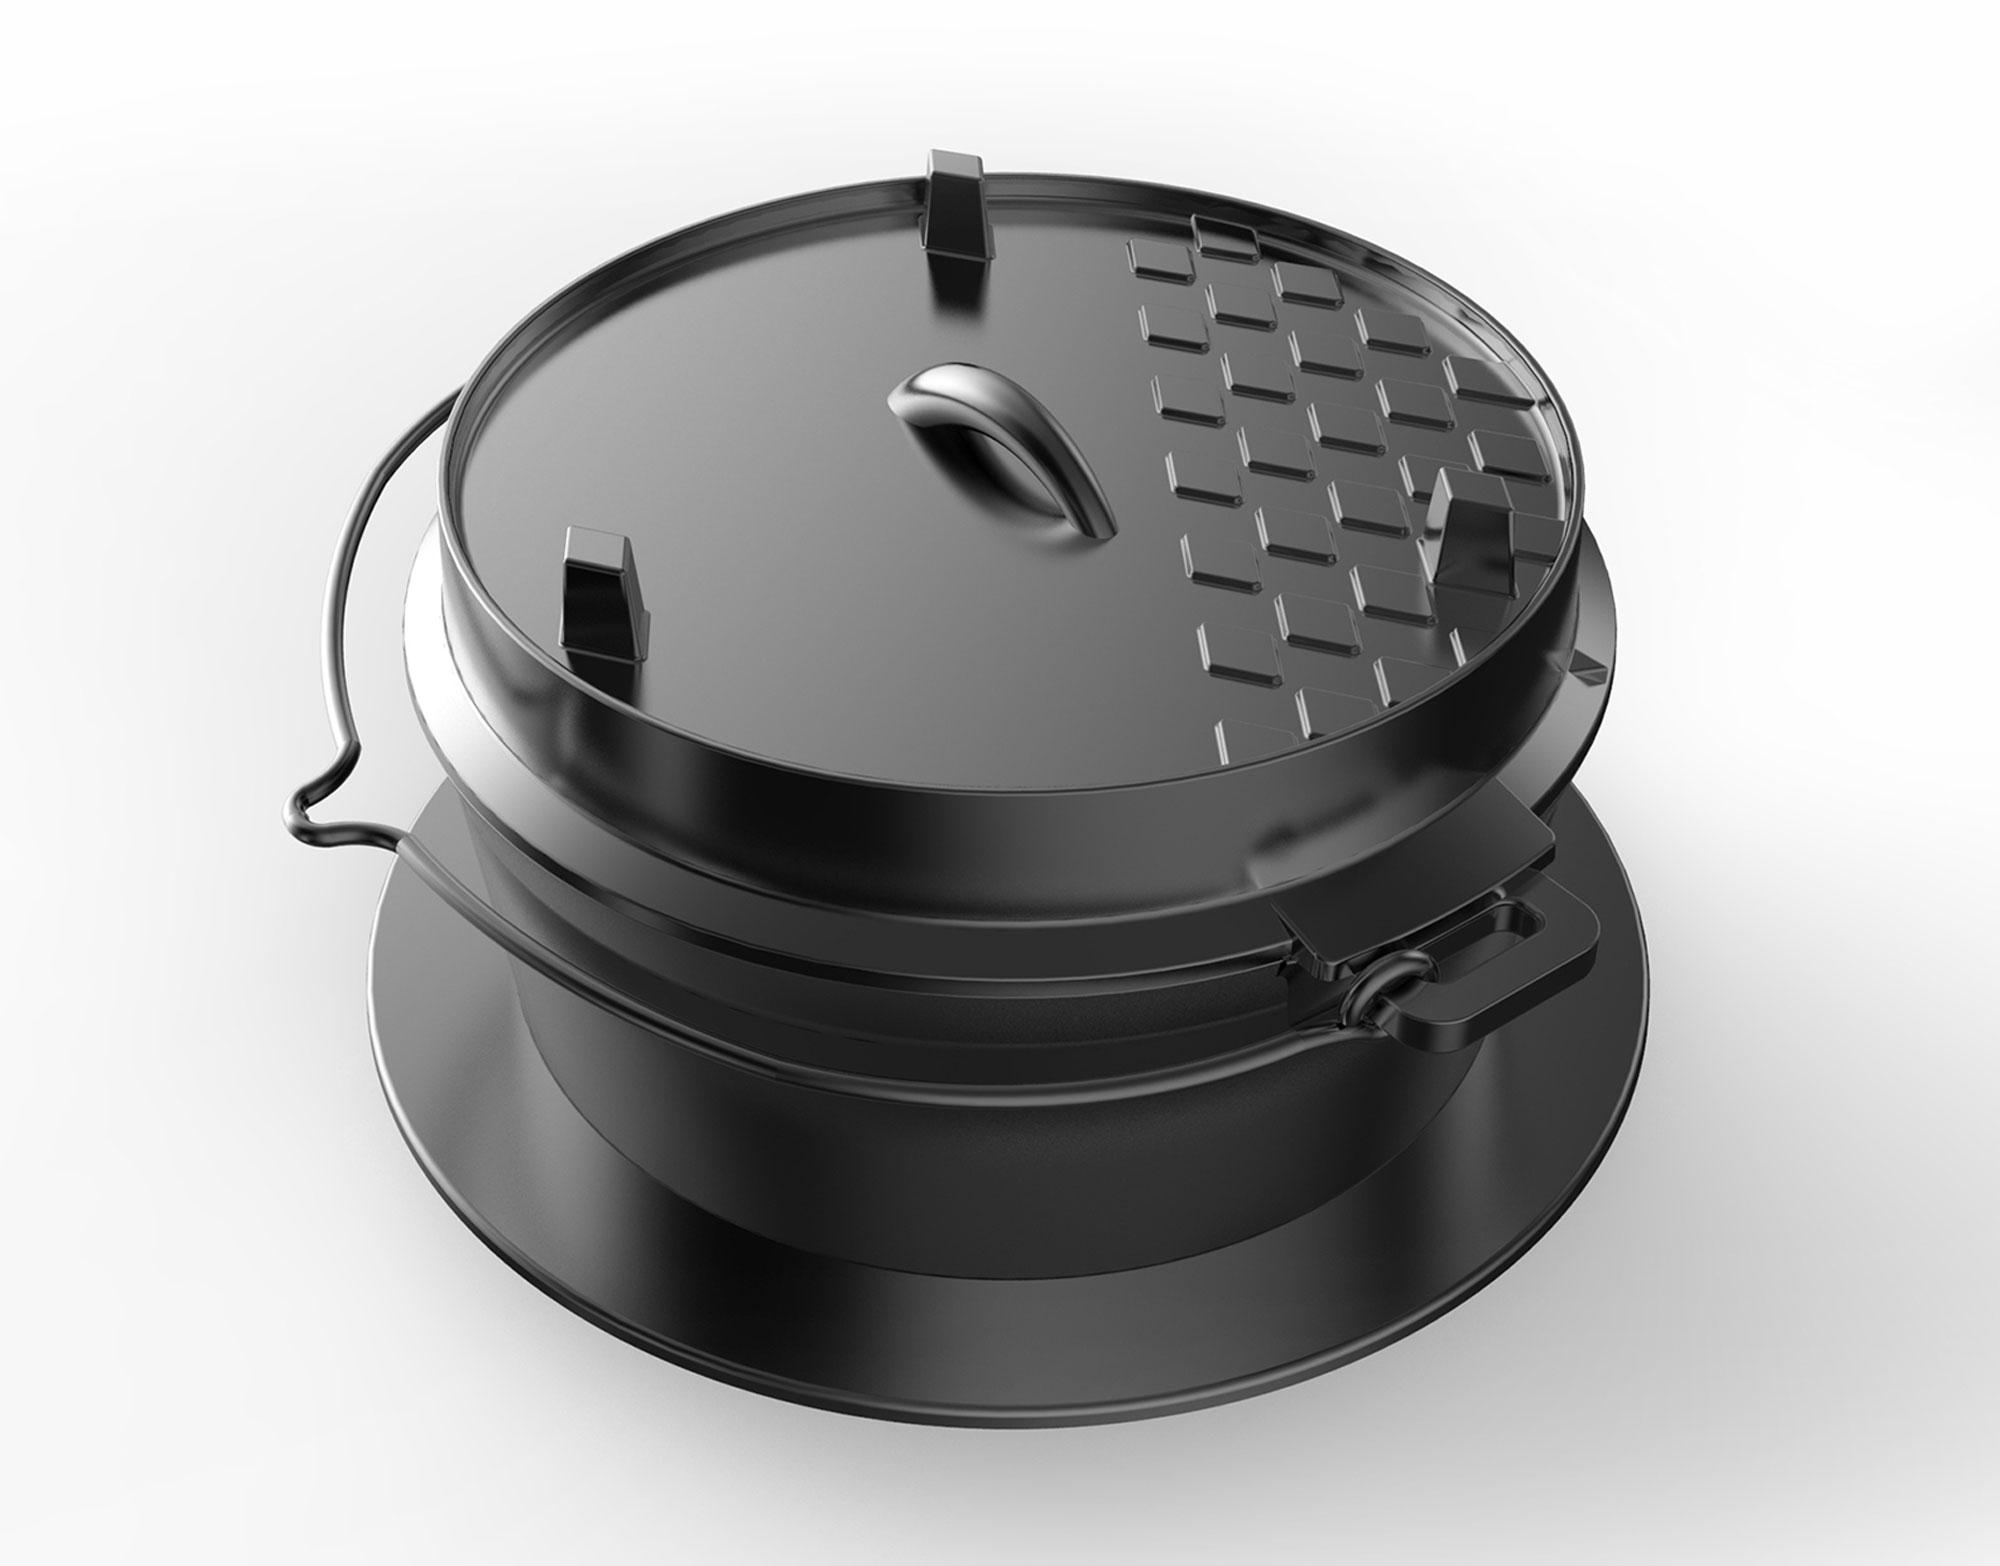 dutch oven einsatz tepro gusseisen schwarz 6 liter bei. Black Bedroom Furniture Sets. Home Design Ideas